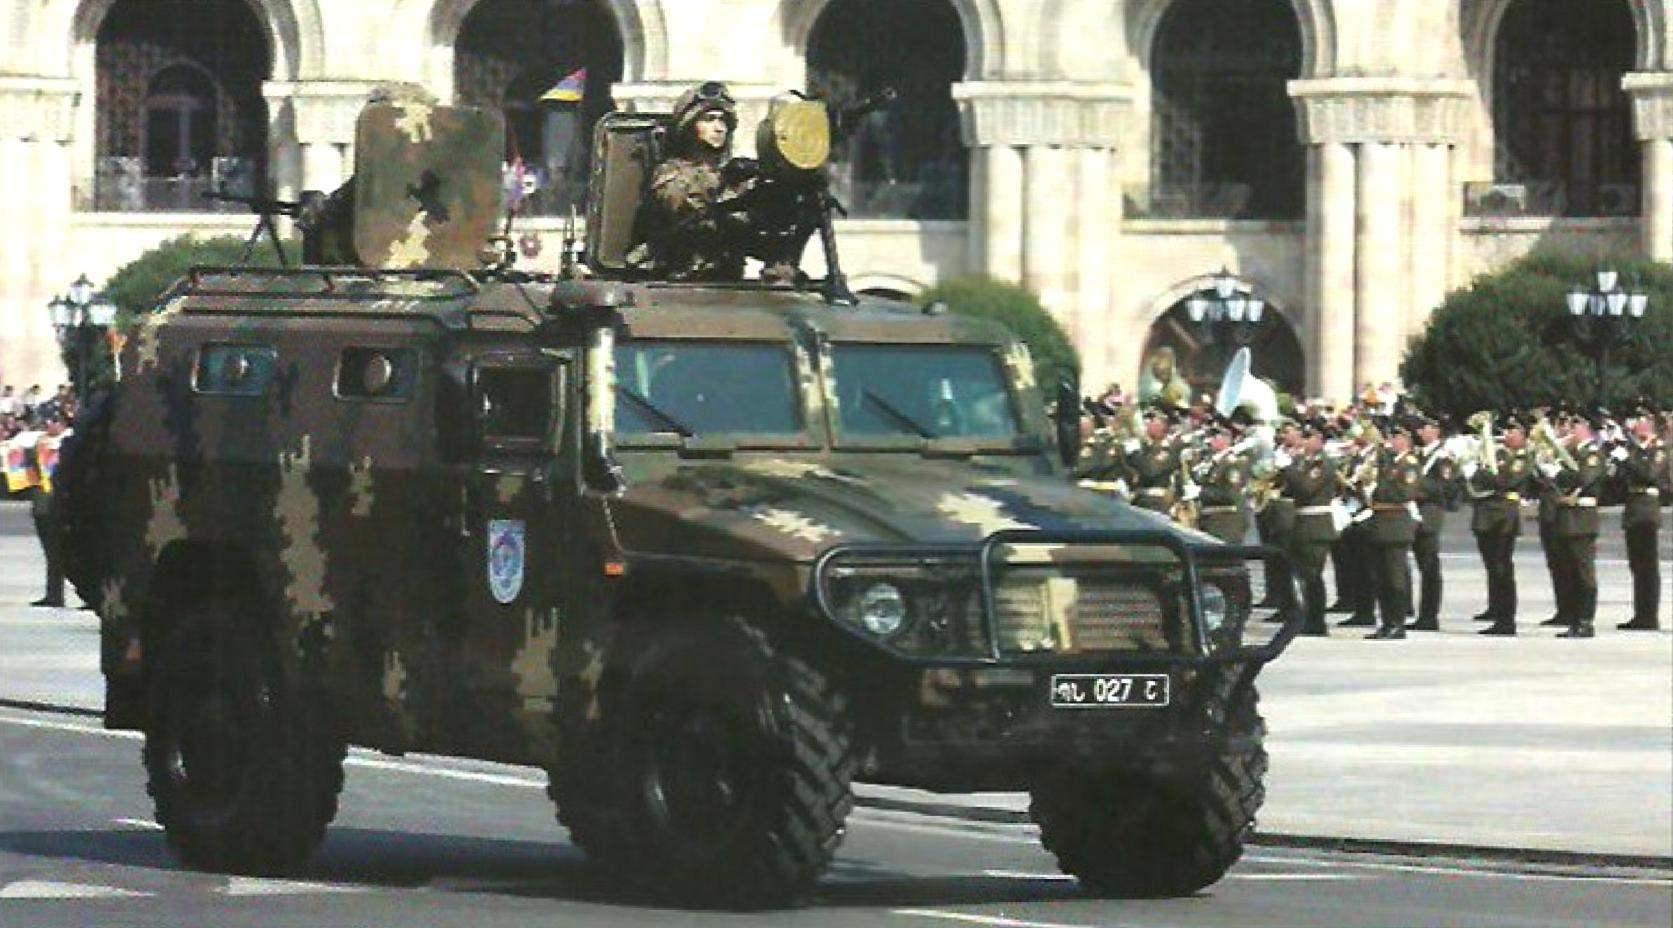 Бронеавтомобиль «Тигр» войскового подразделения армии Армении на параде в честь Дня независимости. Вооружение- 30-мм автоматический гранатомёт АГС и 7,62-мм пулемёт ПКТ. Ереван, 21 сентября 2011 г.